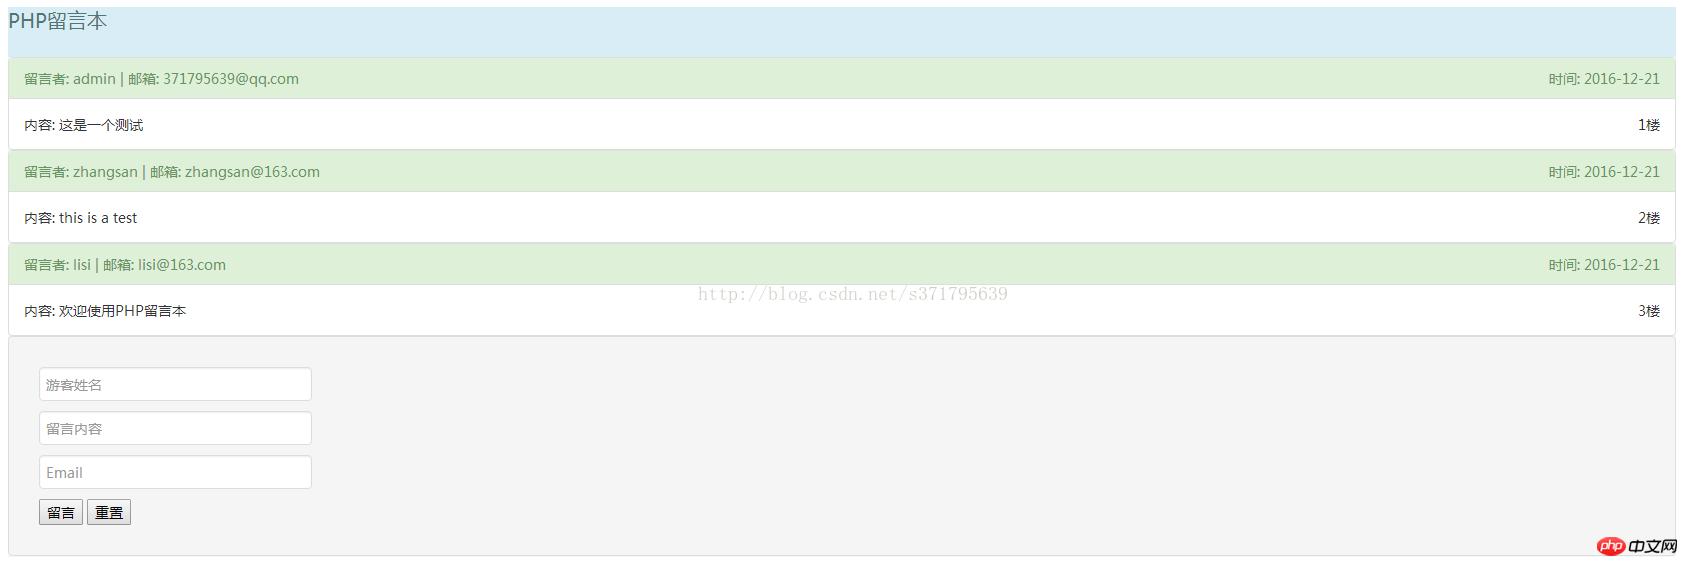 PHP实现简单的留言板功能